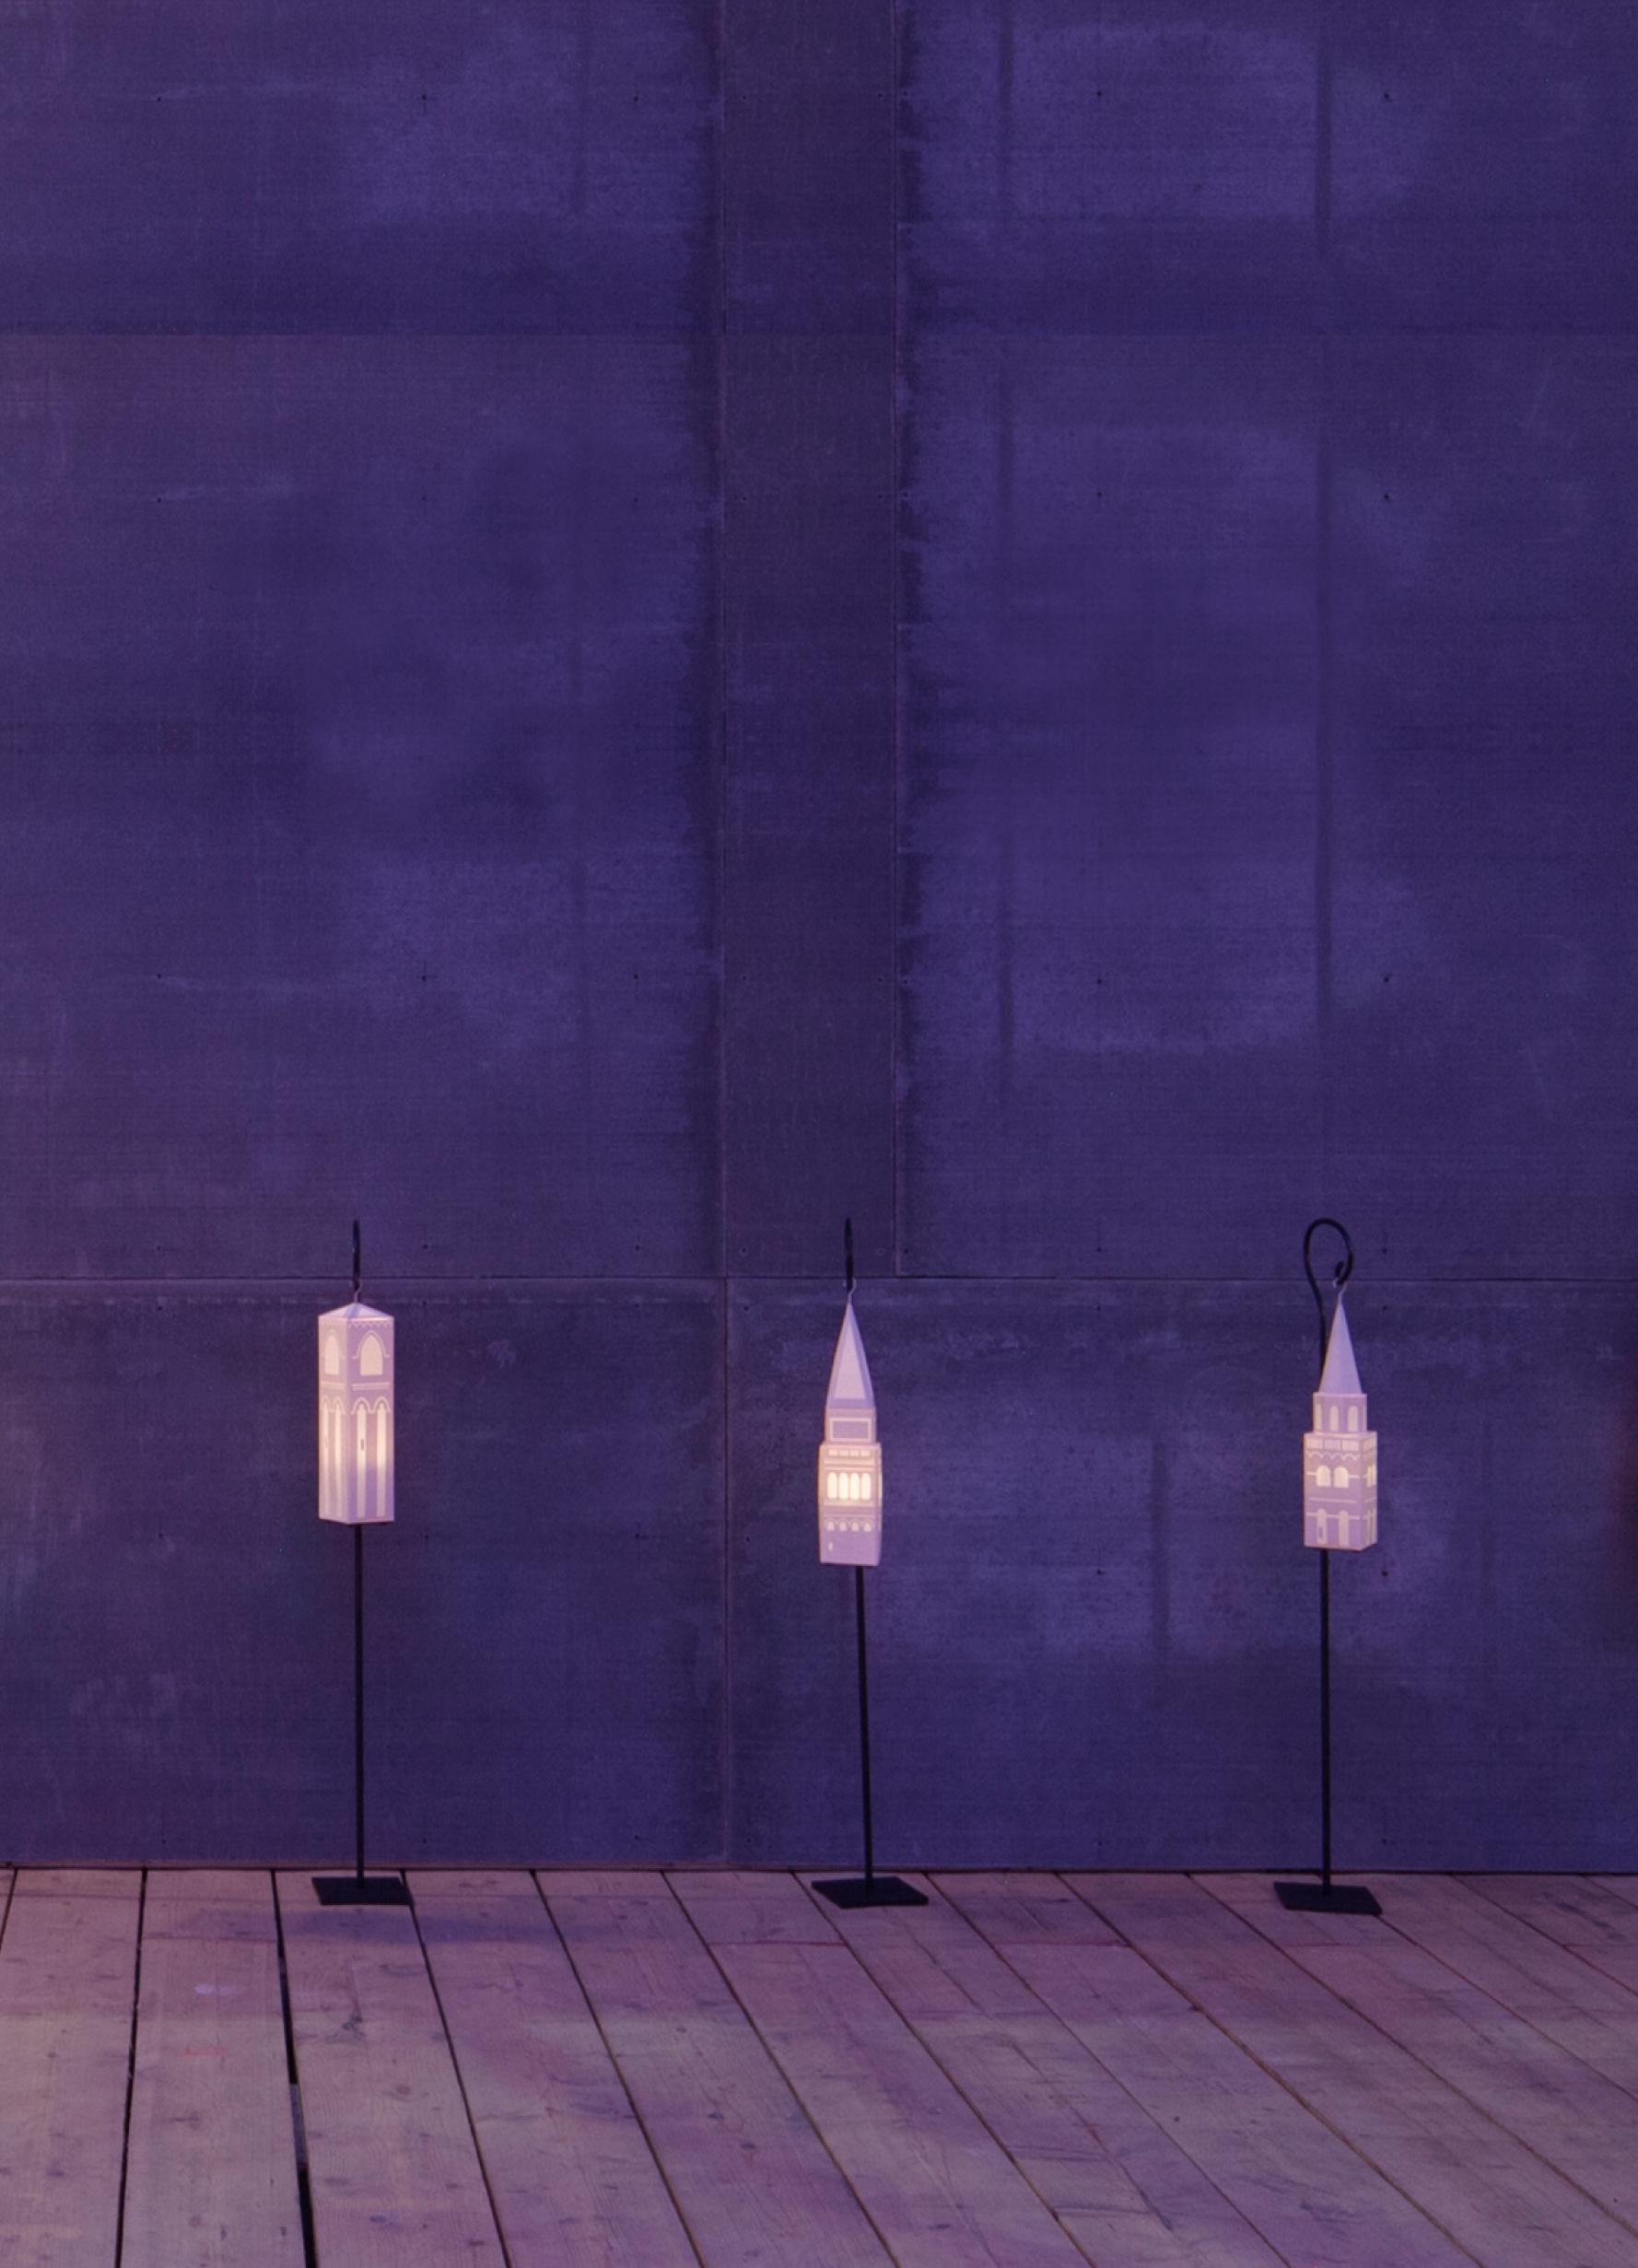 campanili di luce_img3